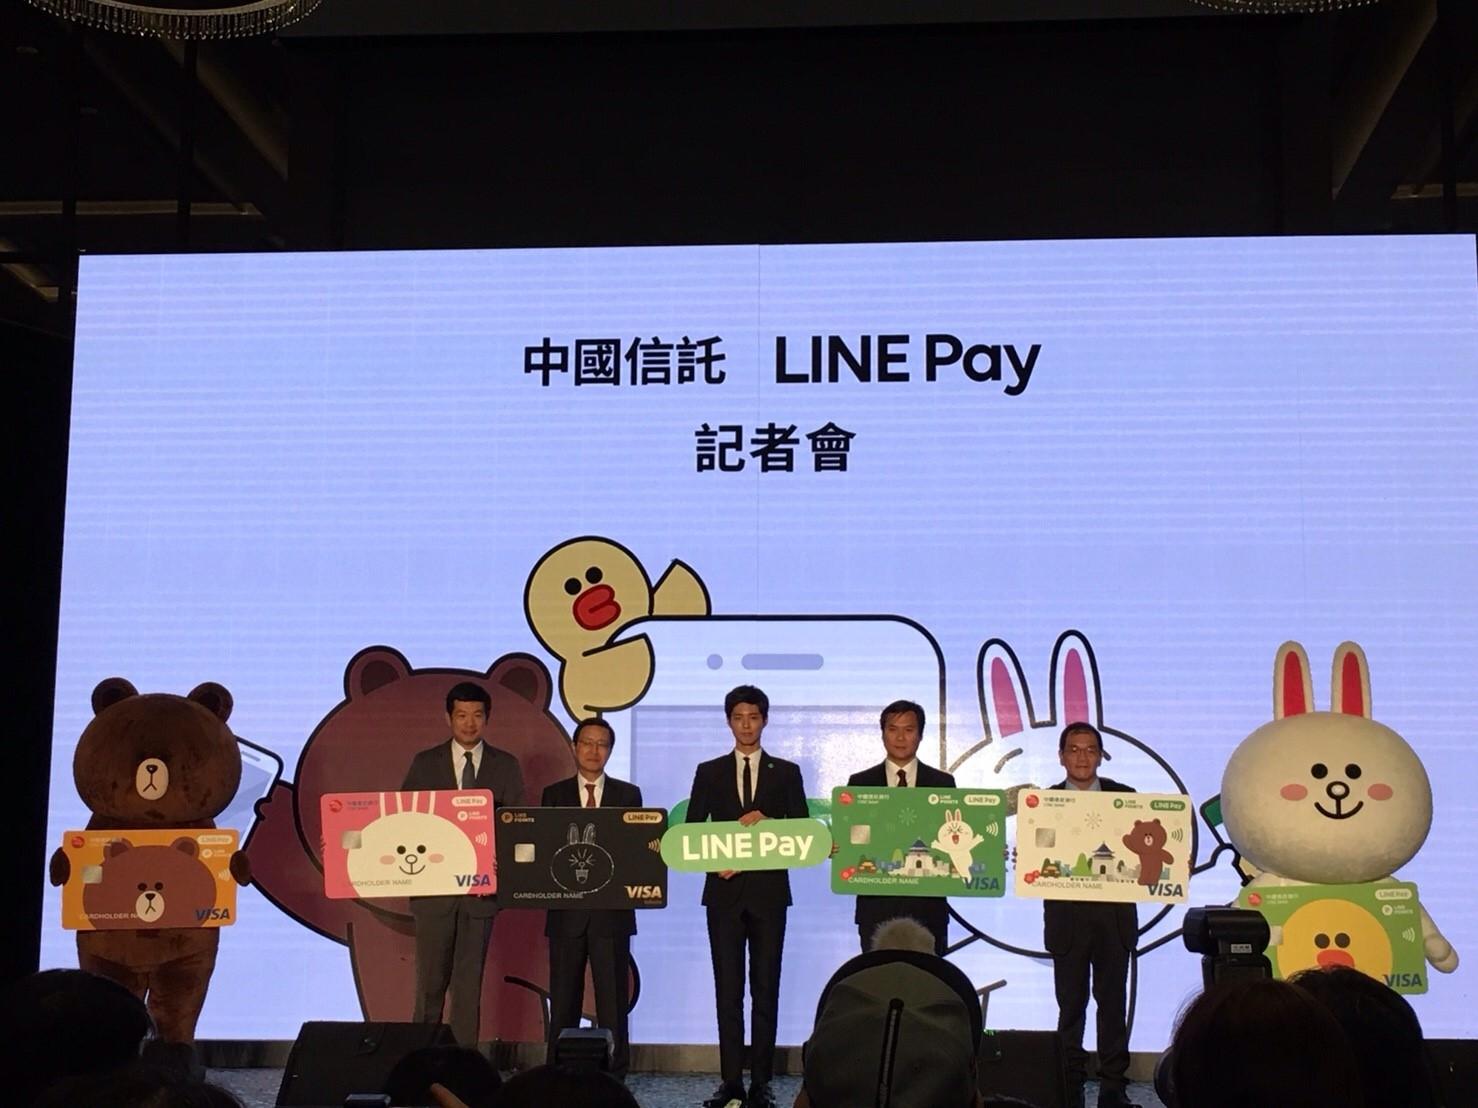 一卡通攜手中國信託發行LINE Pay卡